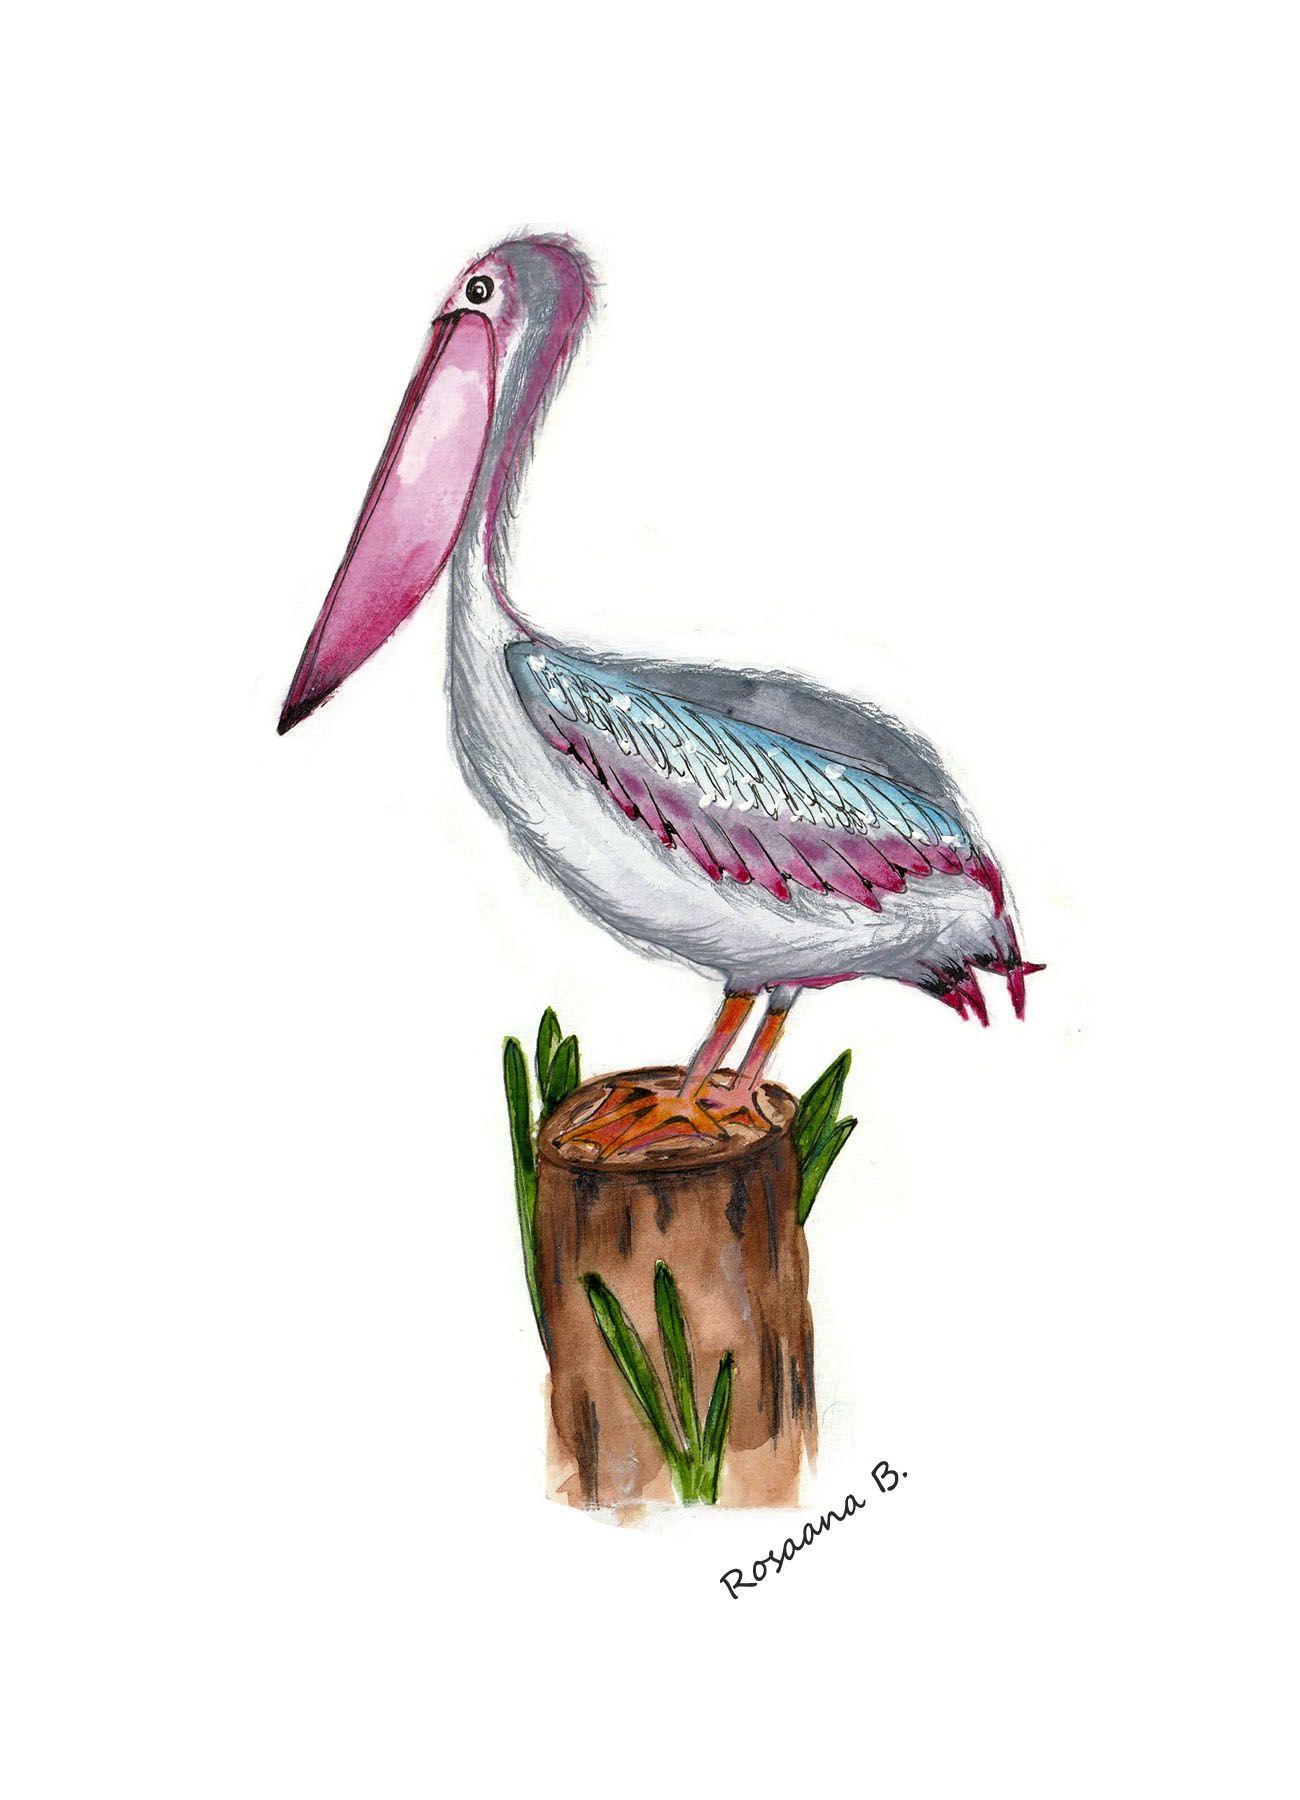 Pelicano Ilustrado Con Acuarelas Y Lapices Acuarelables Lapices De Acuarela Acuarela Pelicano Dibujo